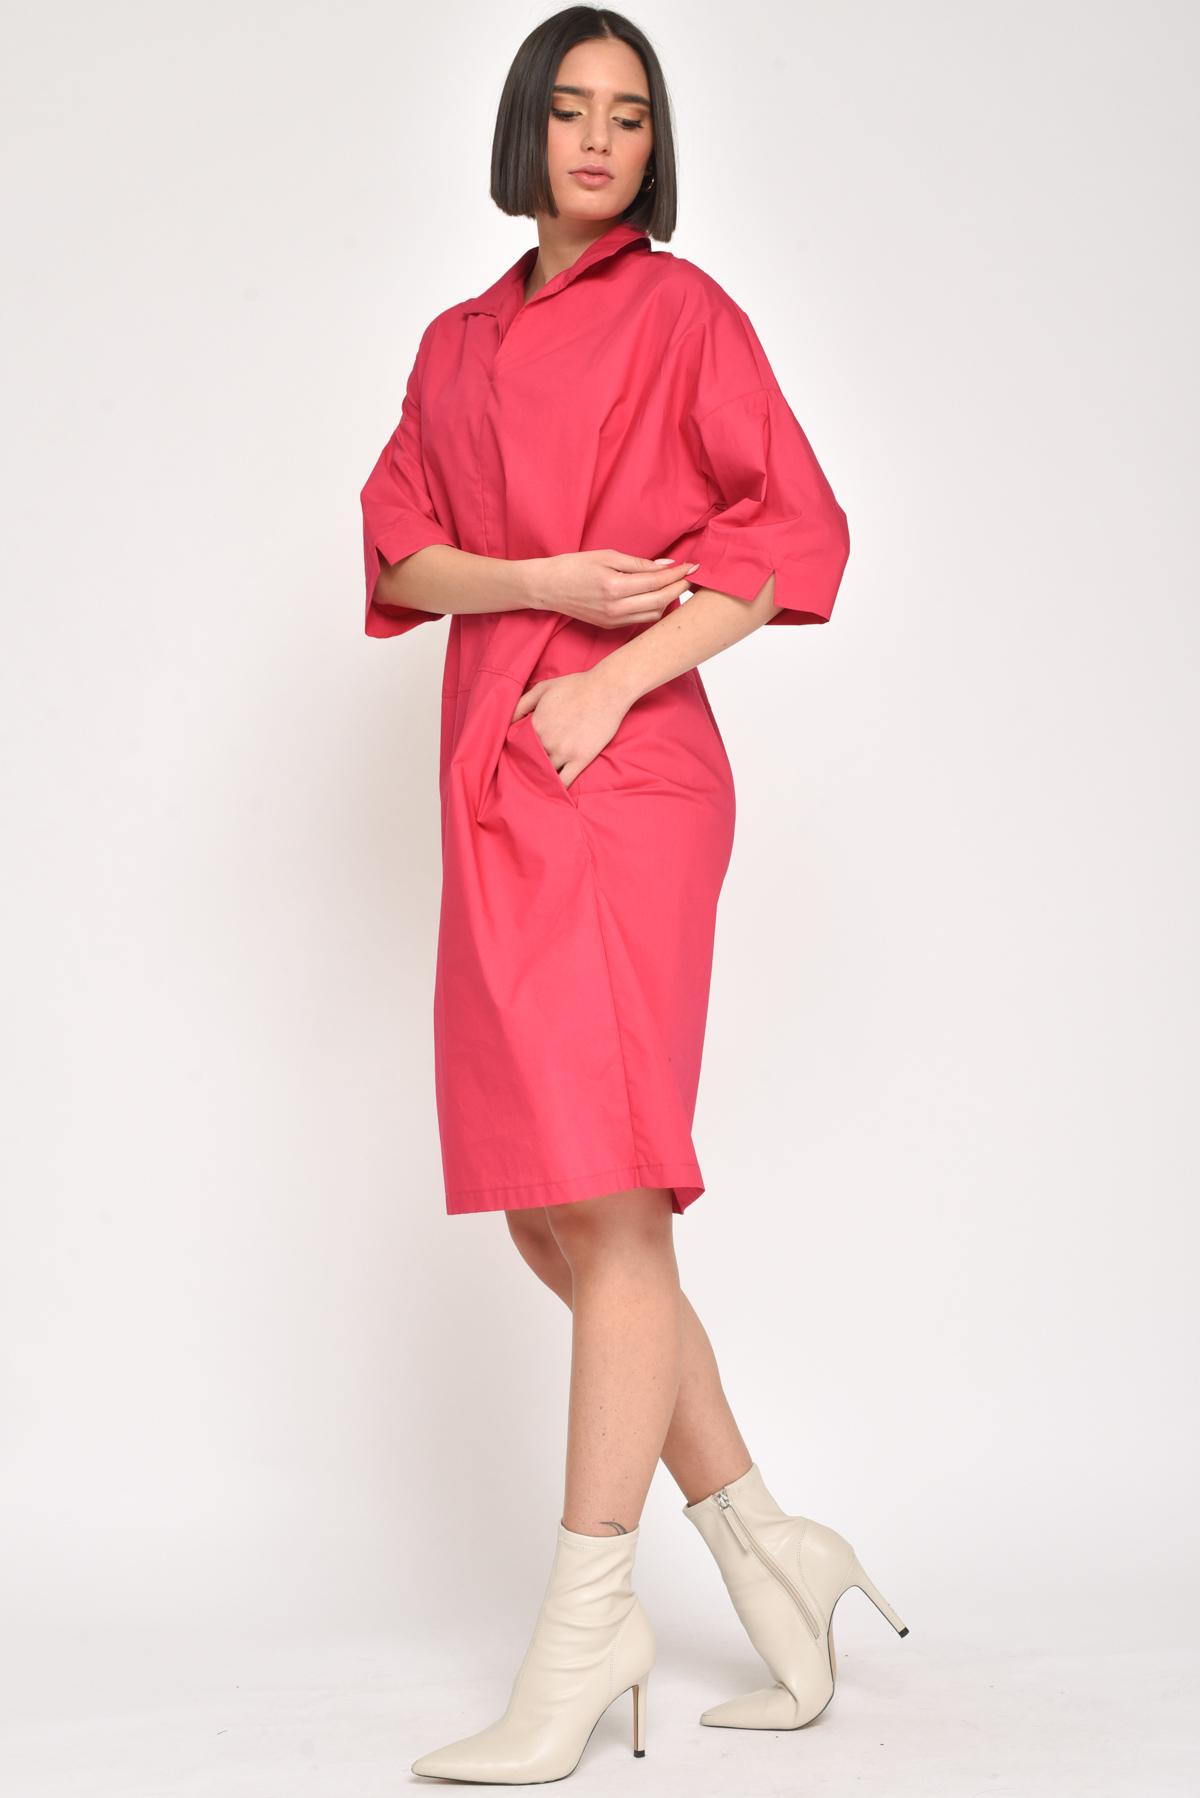 ABITO LINEA A UOVO 100% COTONE for women - FUCHSIA - Paquito Pronto Moda Shop Online